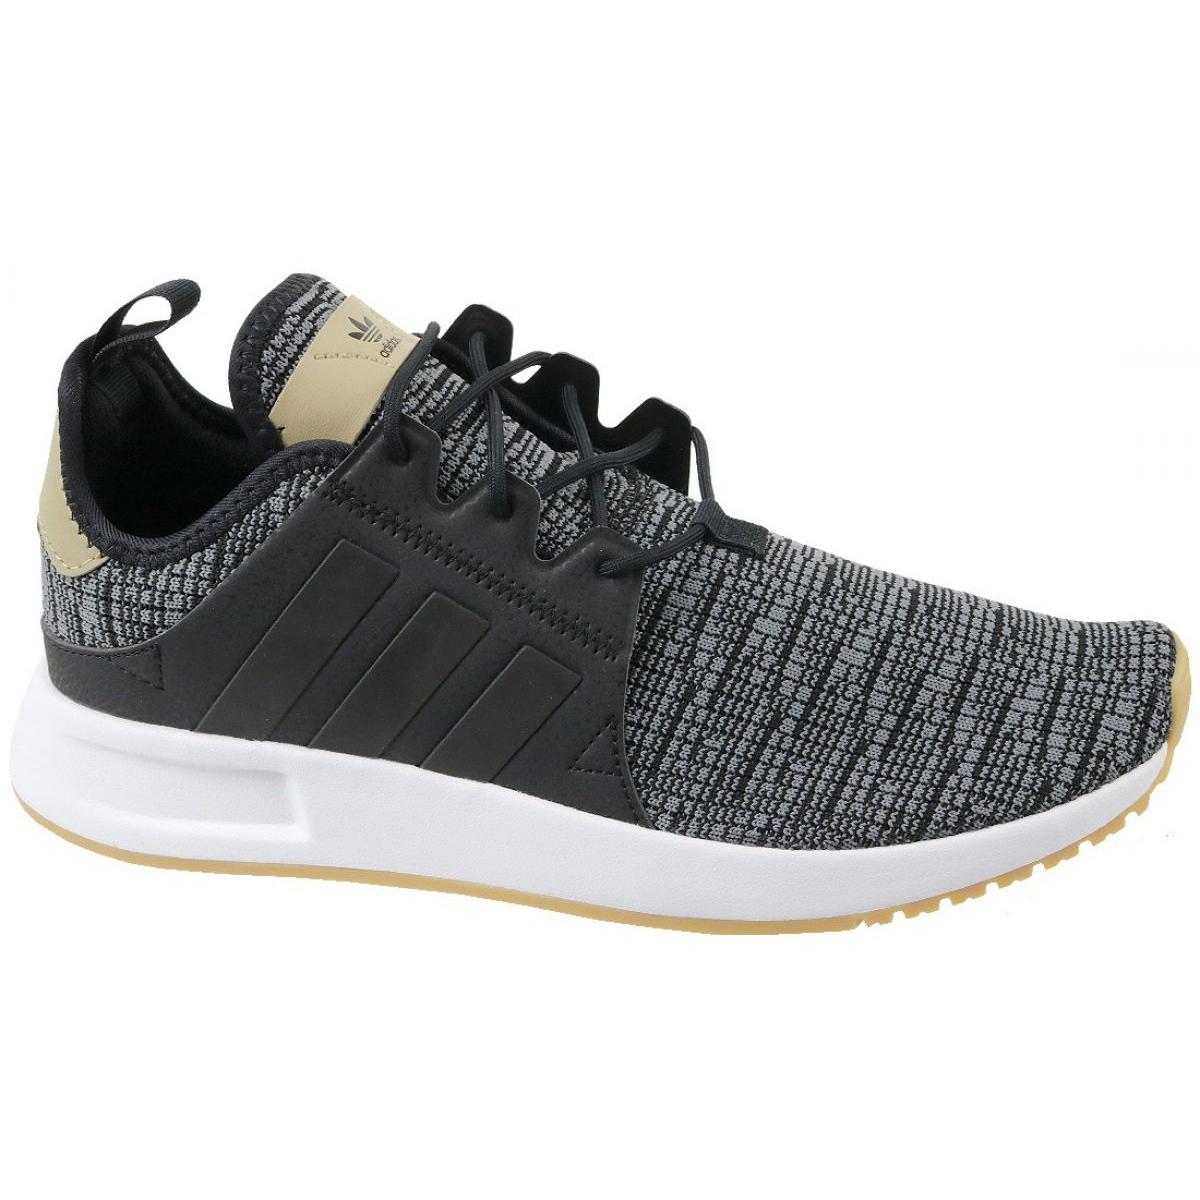 Schuhe Adidas X plr M Grau Ah2360 TlK1FJc3